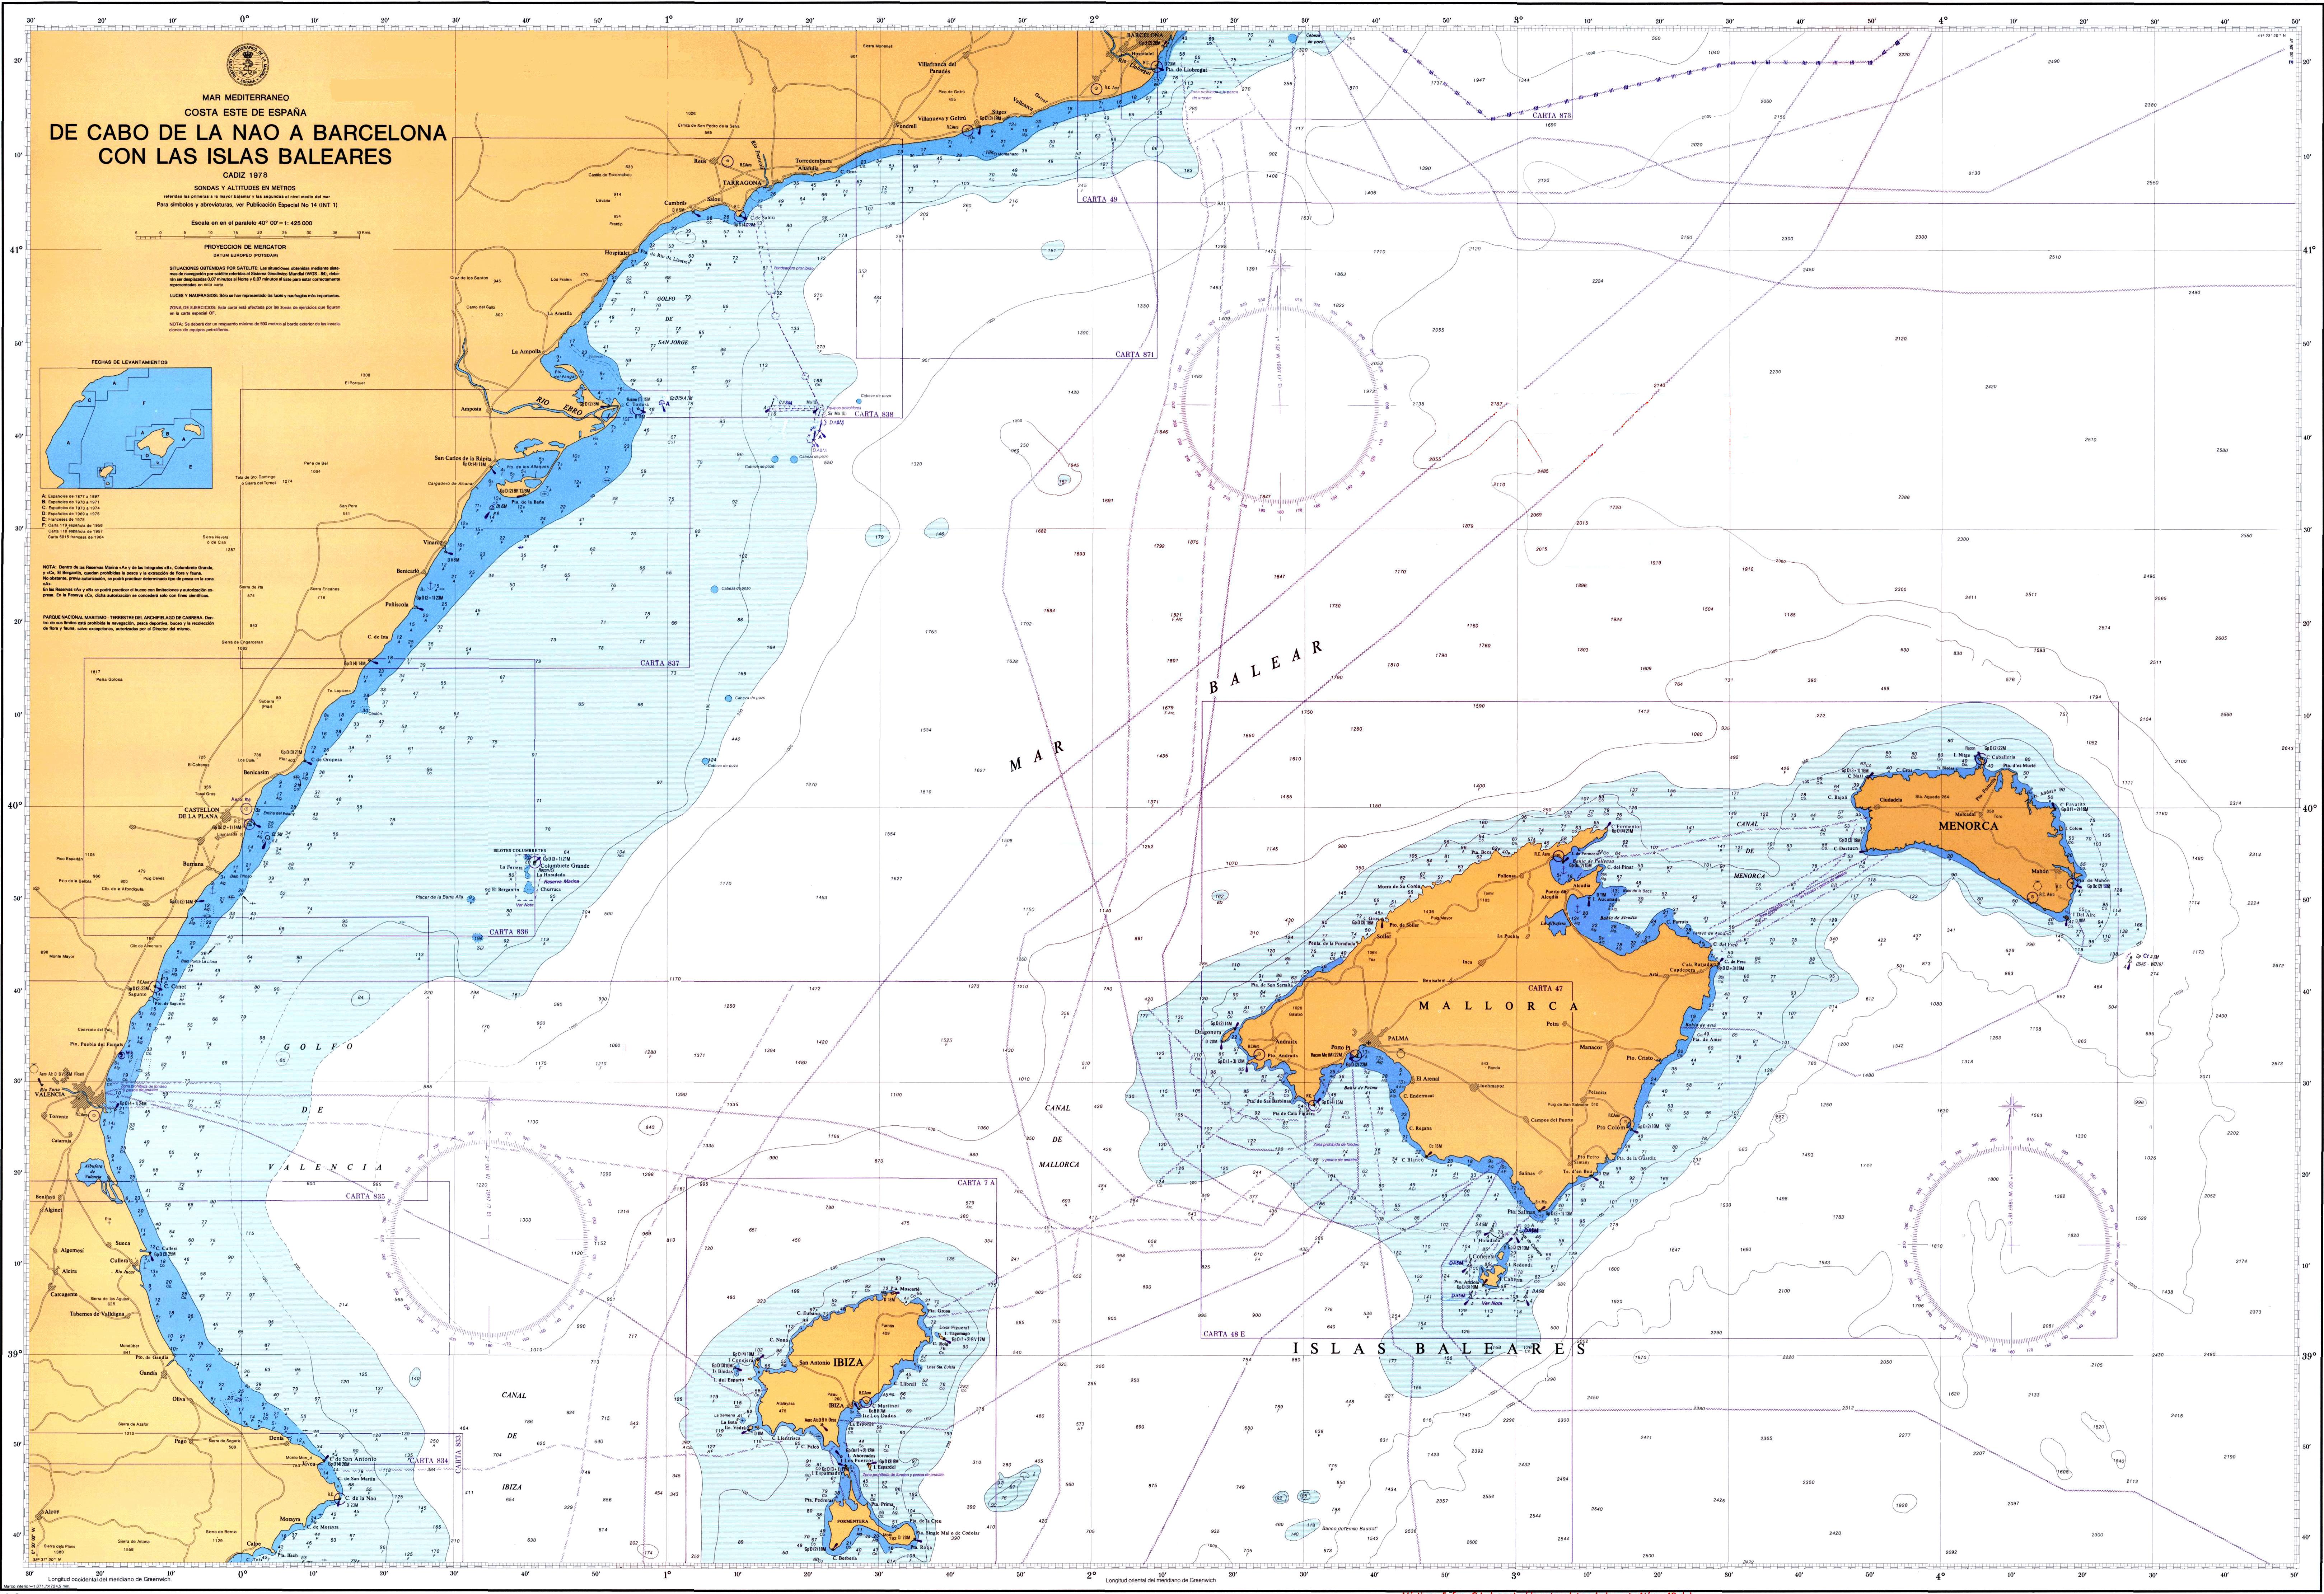 Carta náutica de las Islas Baleares 1978